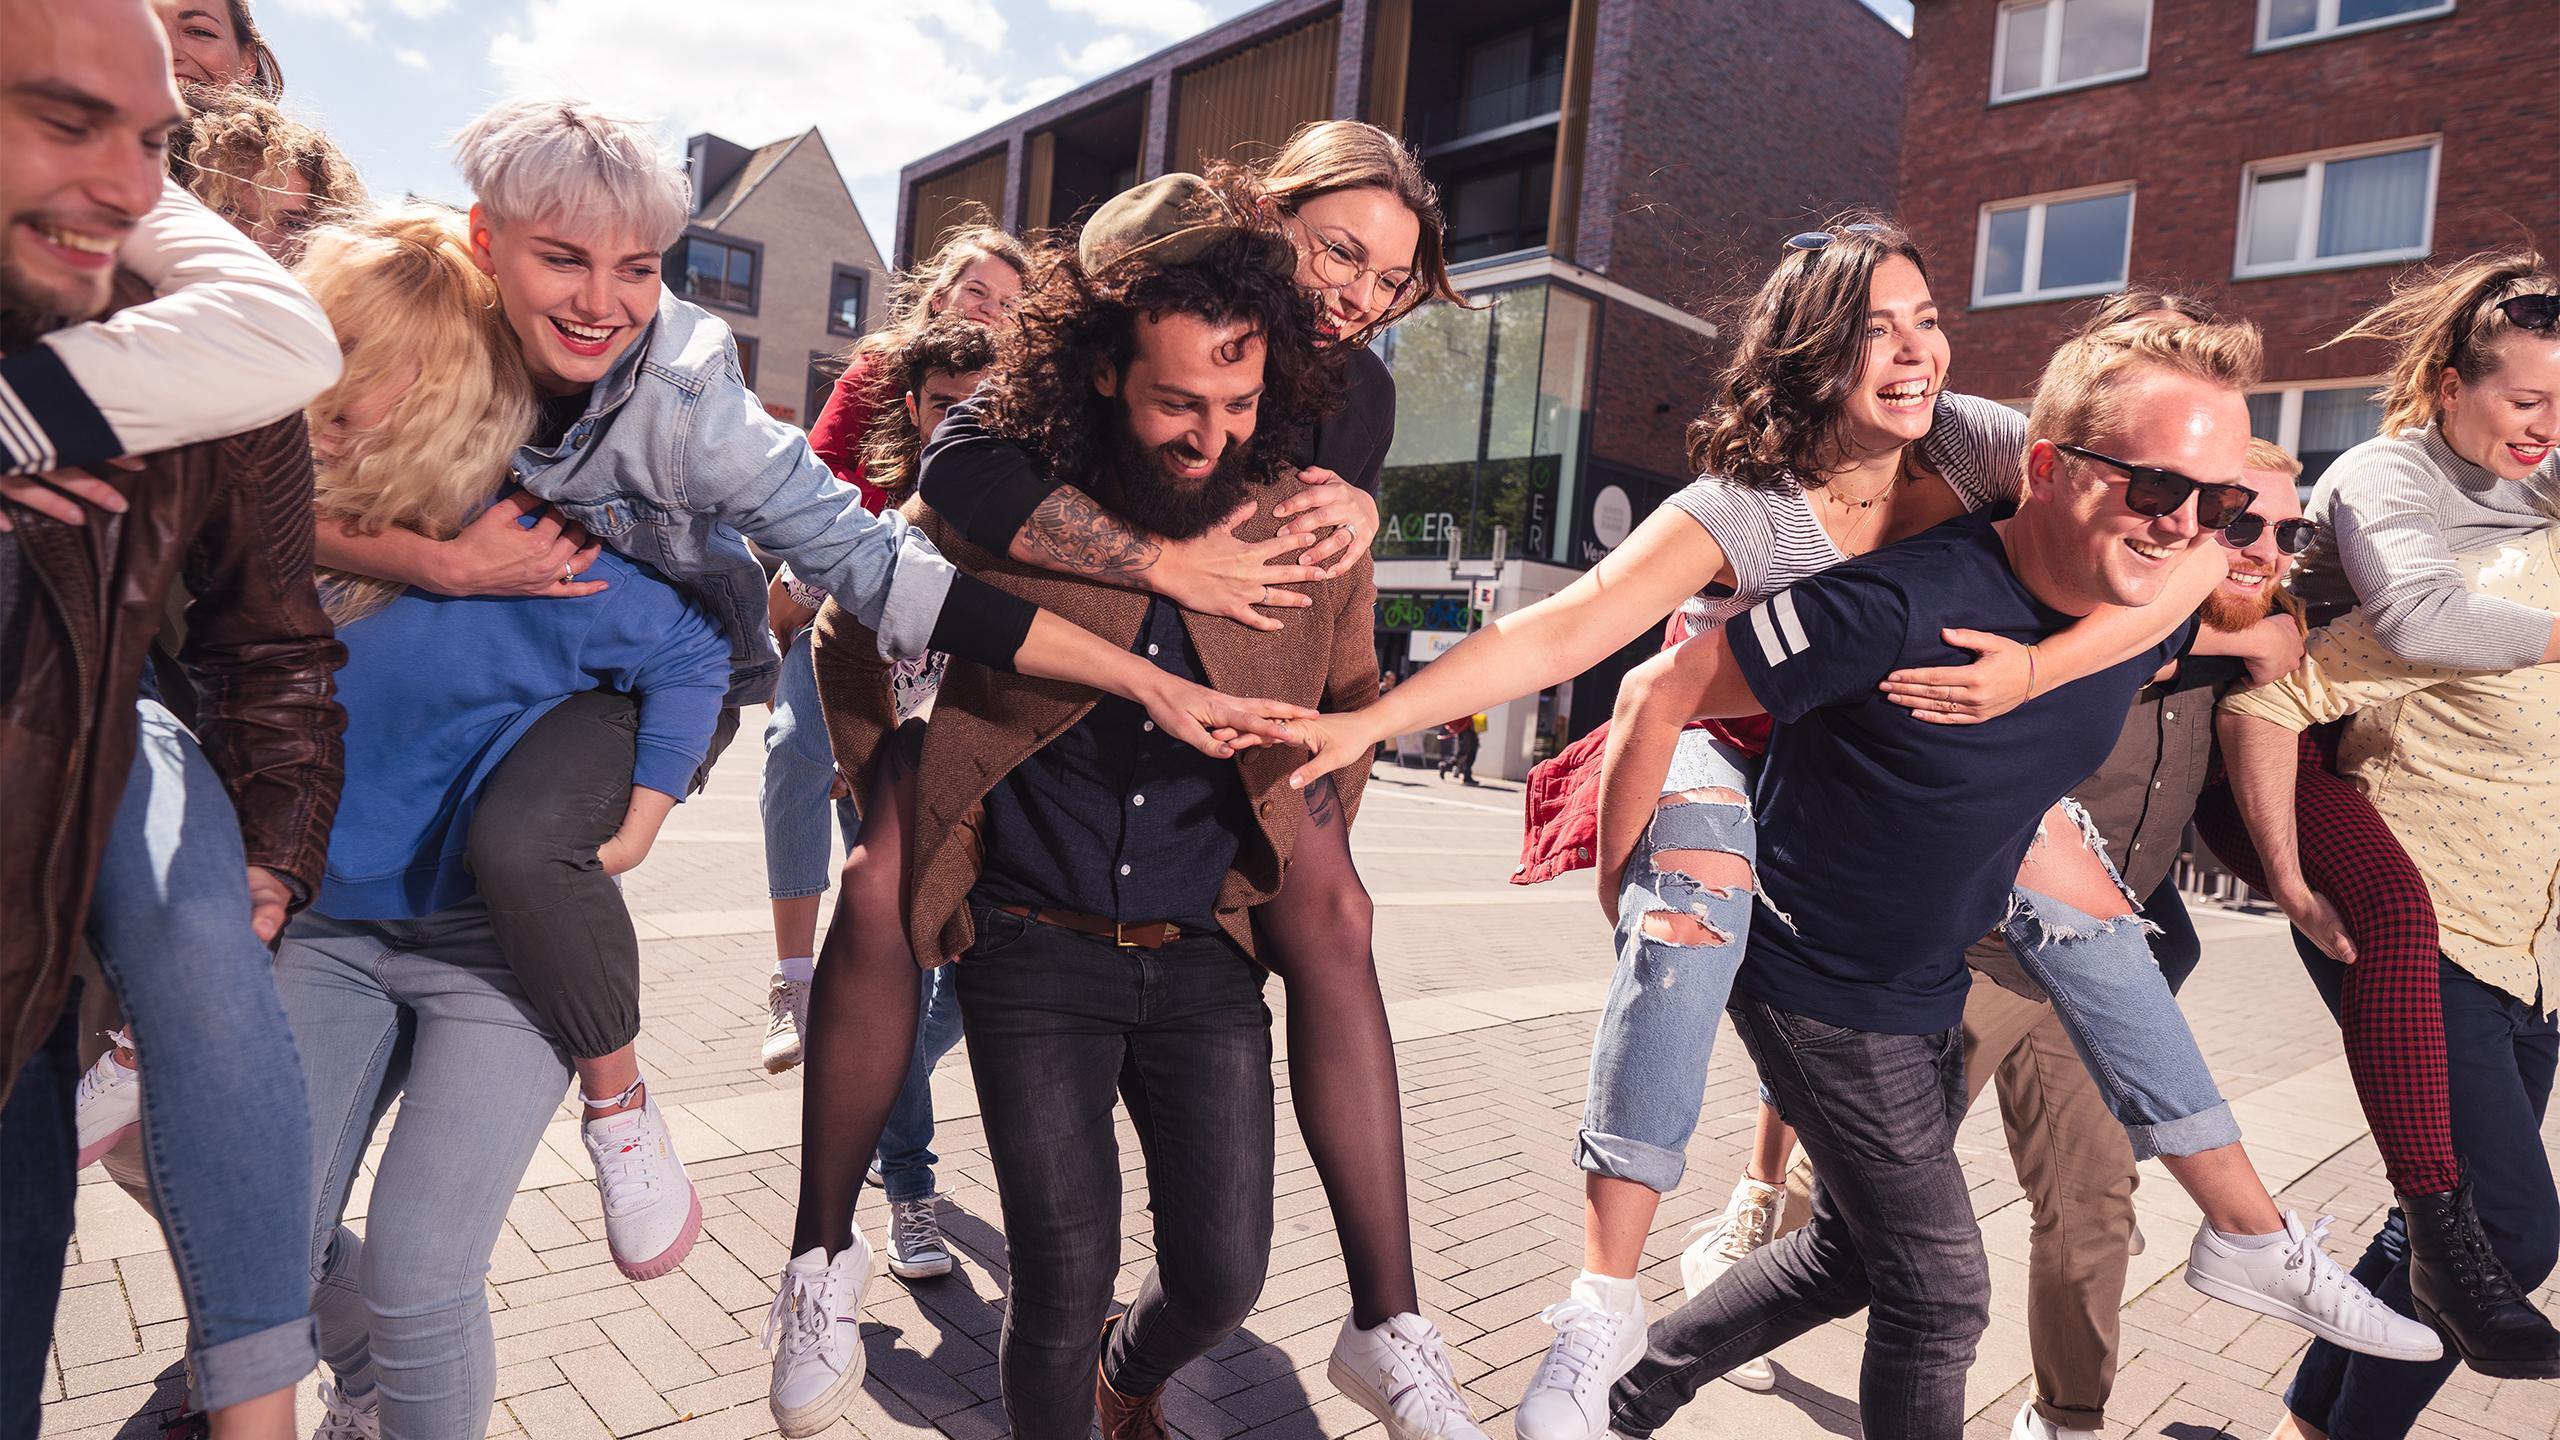 CityGames München Student Tour: Gruppe Studenten - beschwingt und glücklich